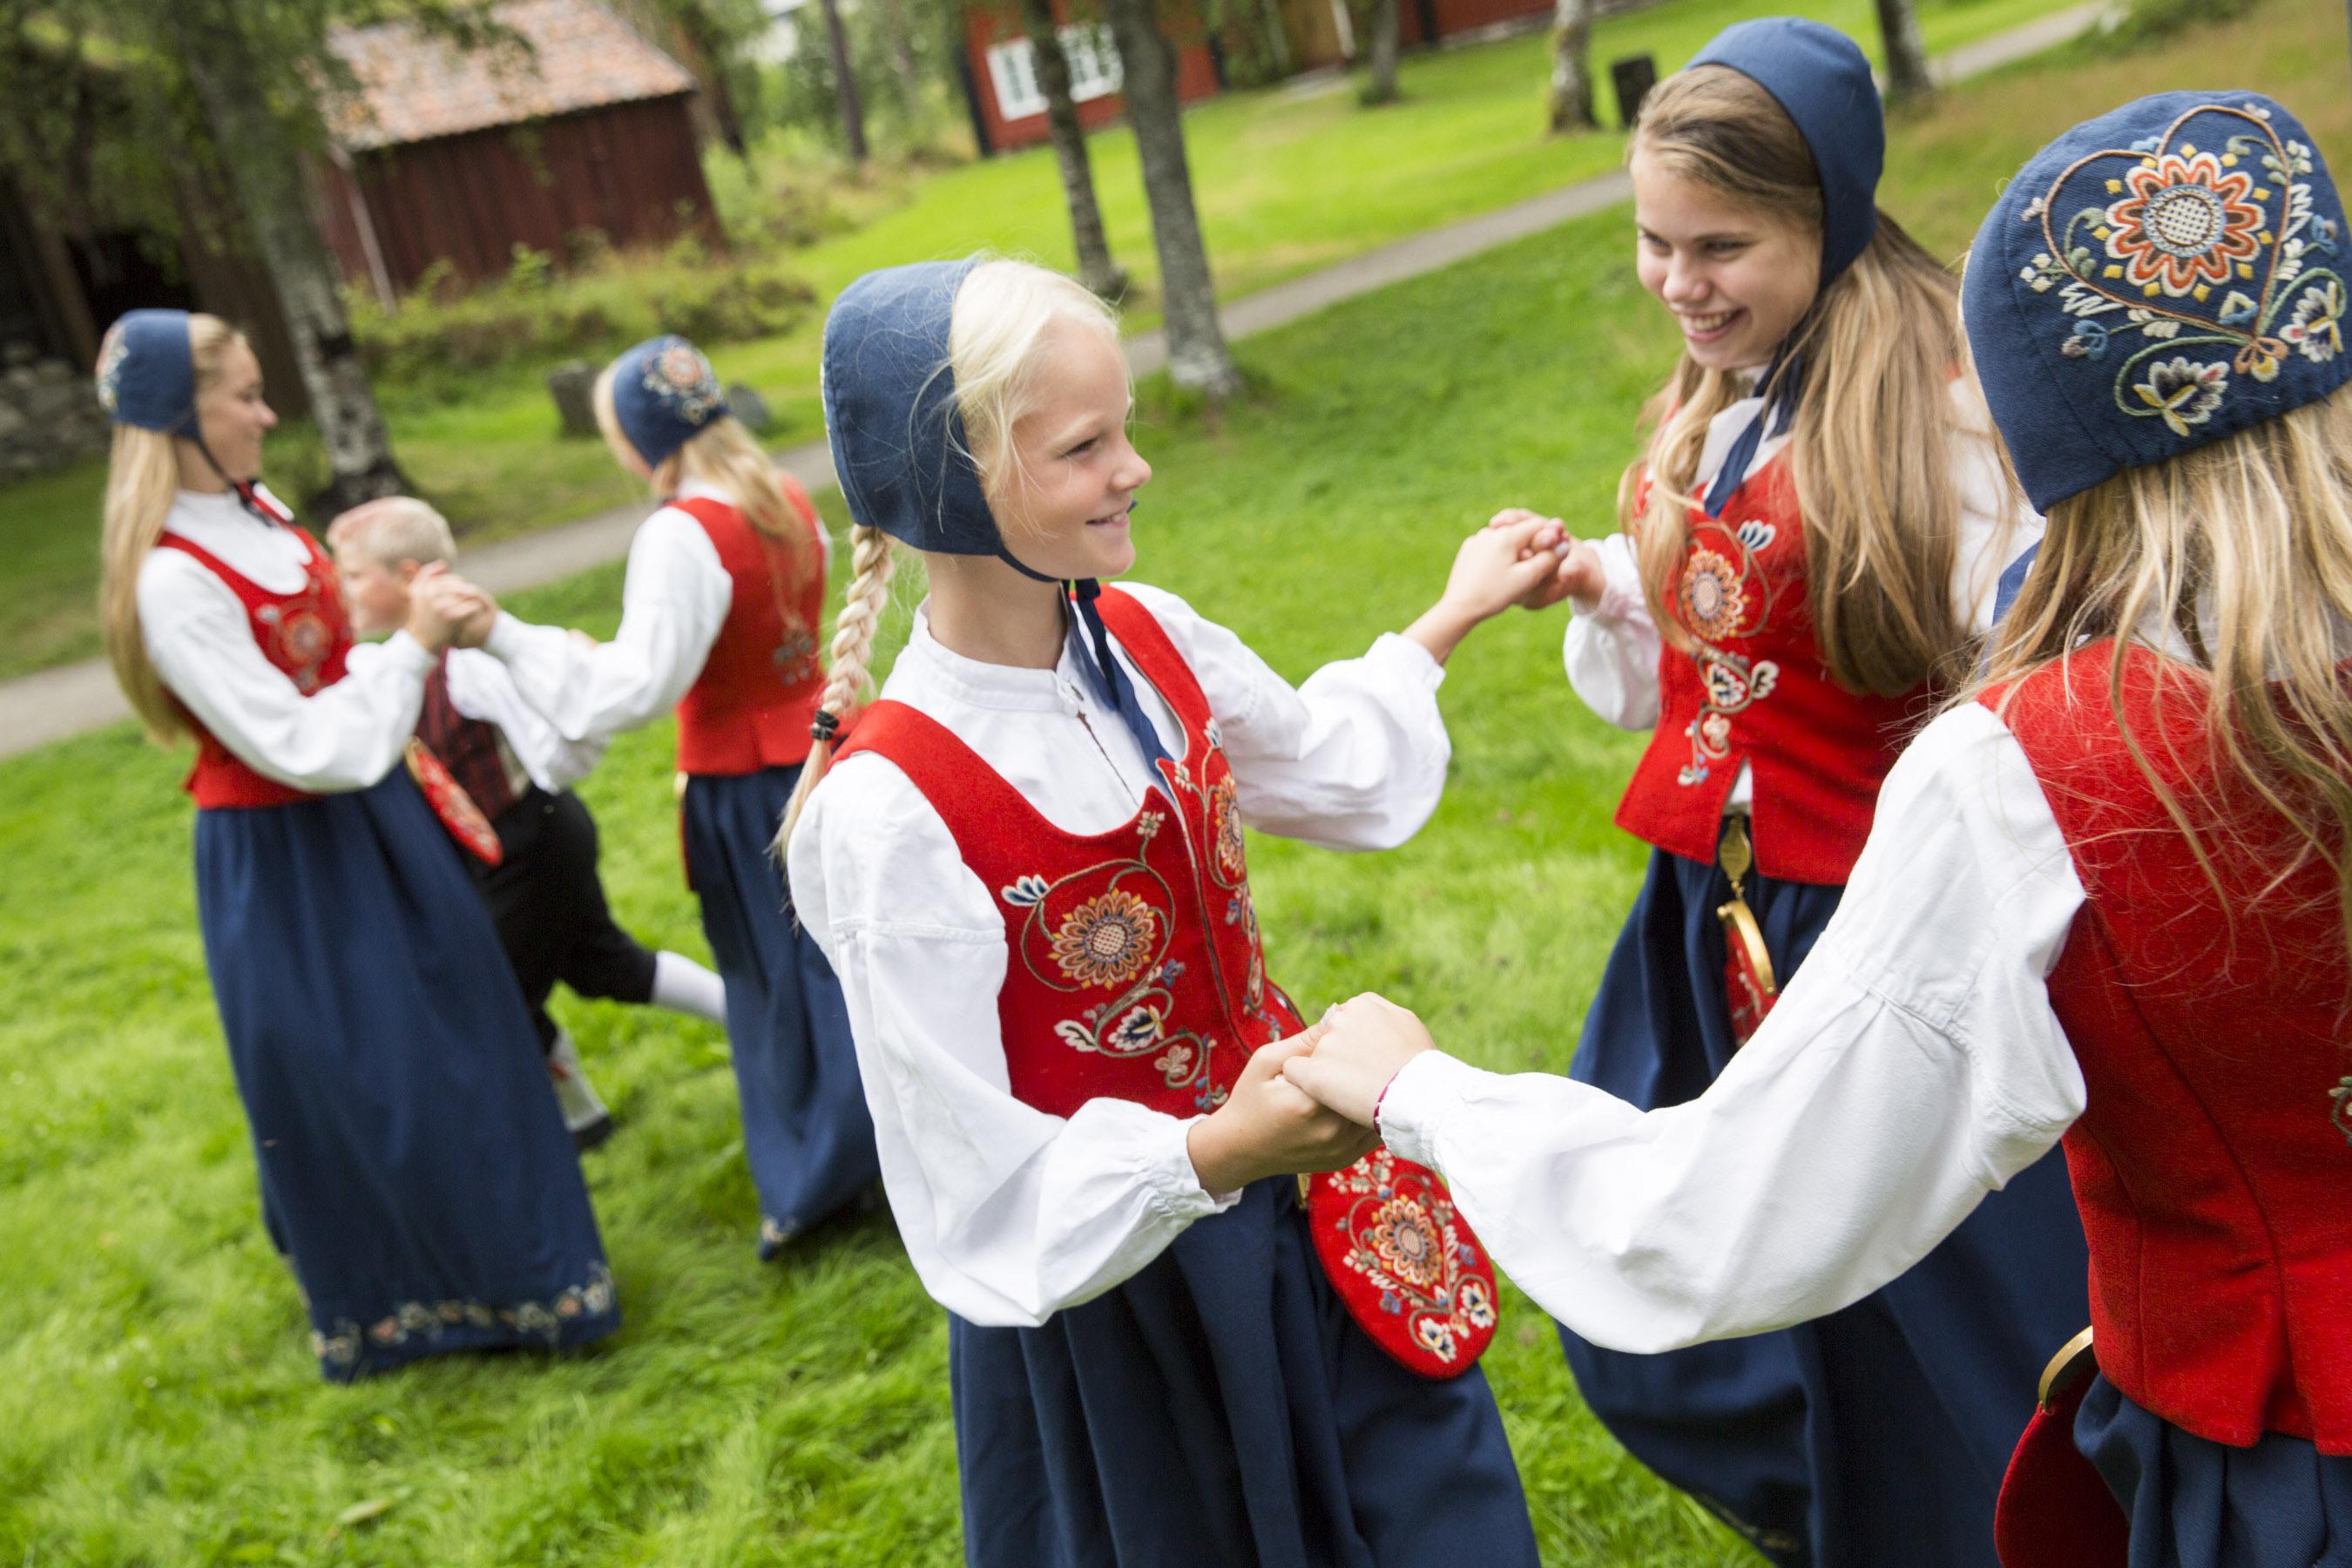 eskorte jenter kristiansand massasje sagene